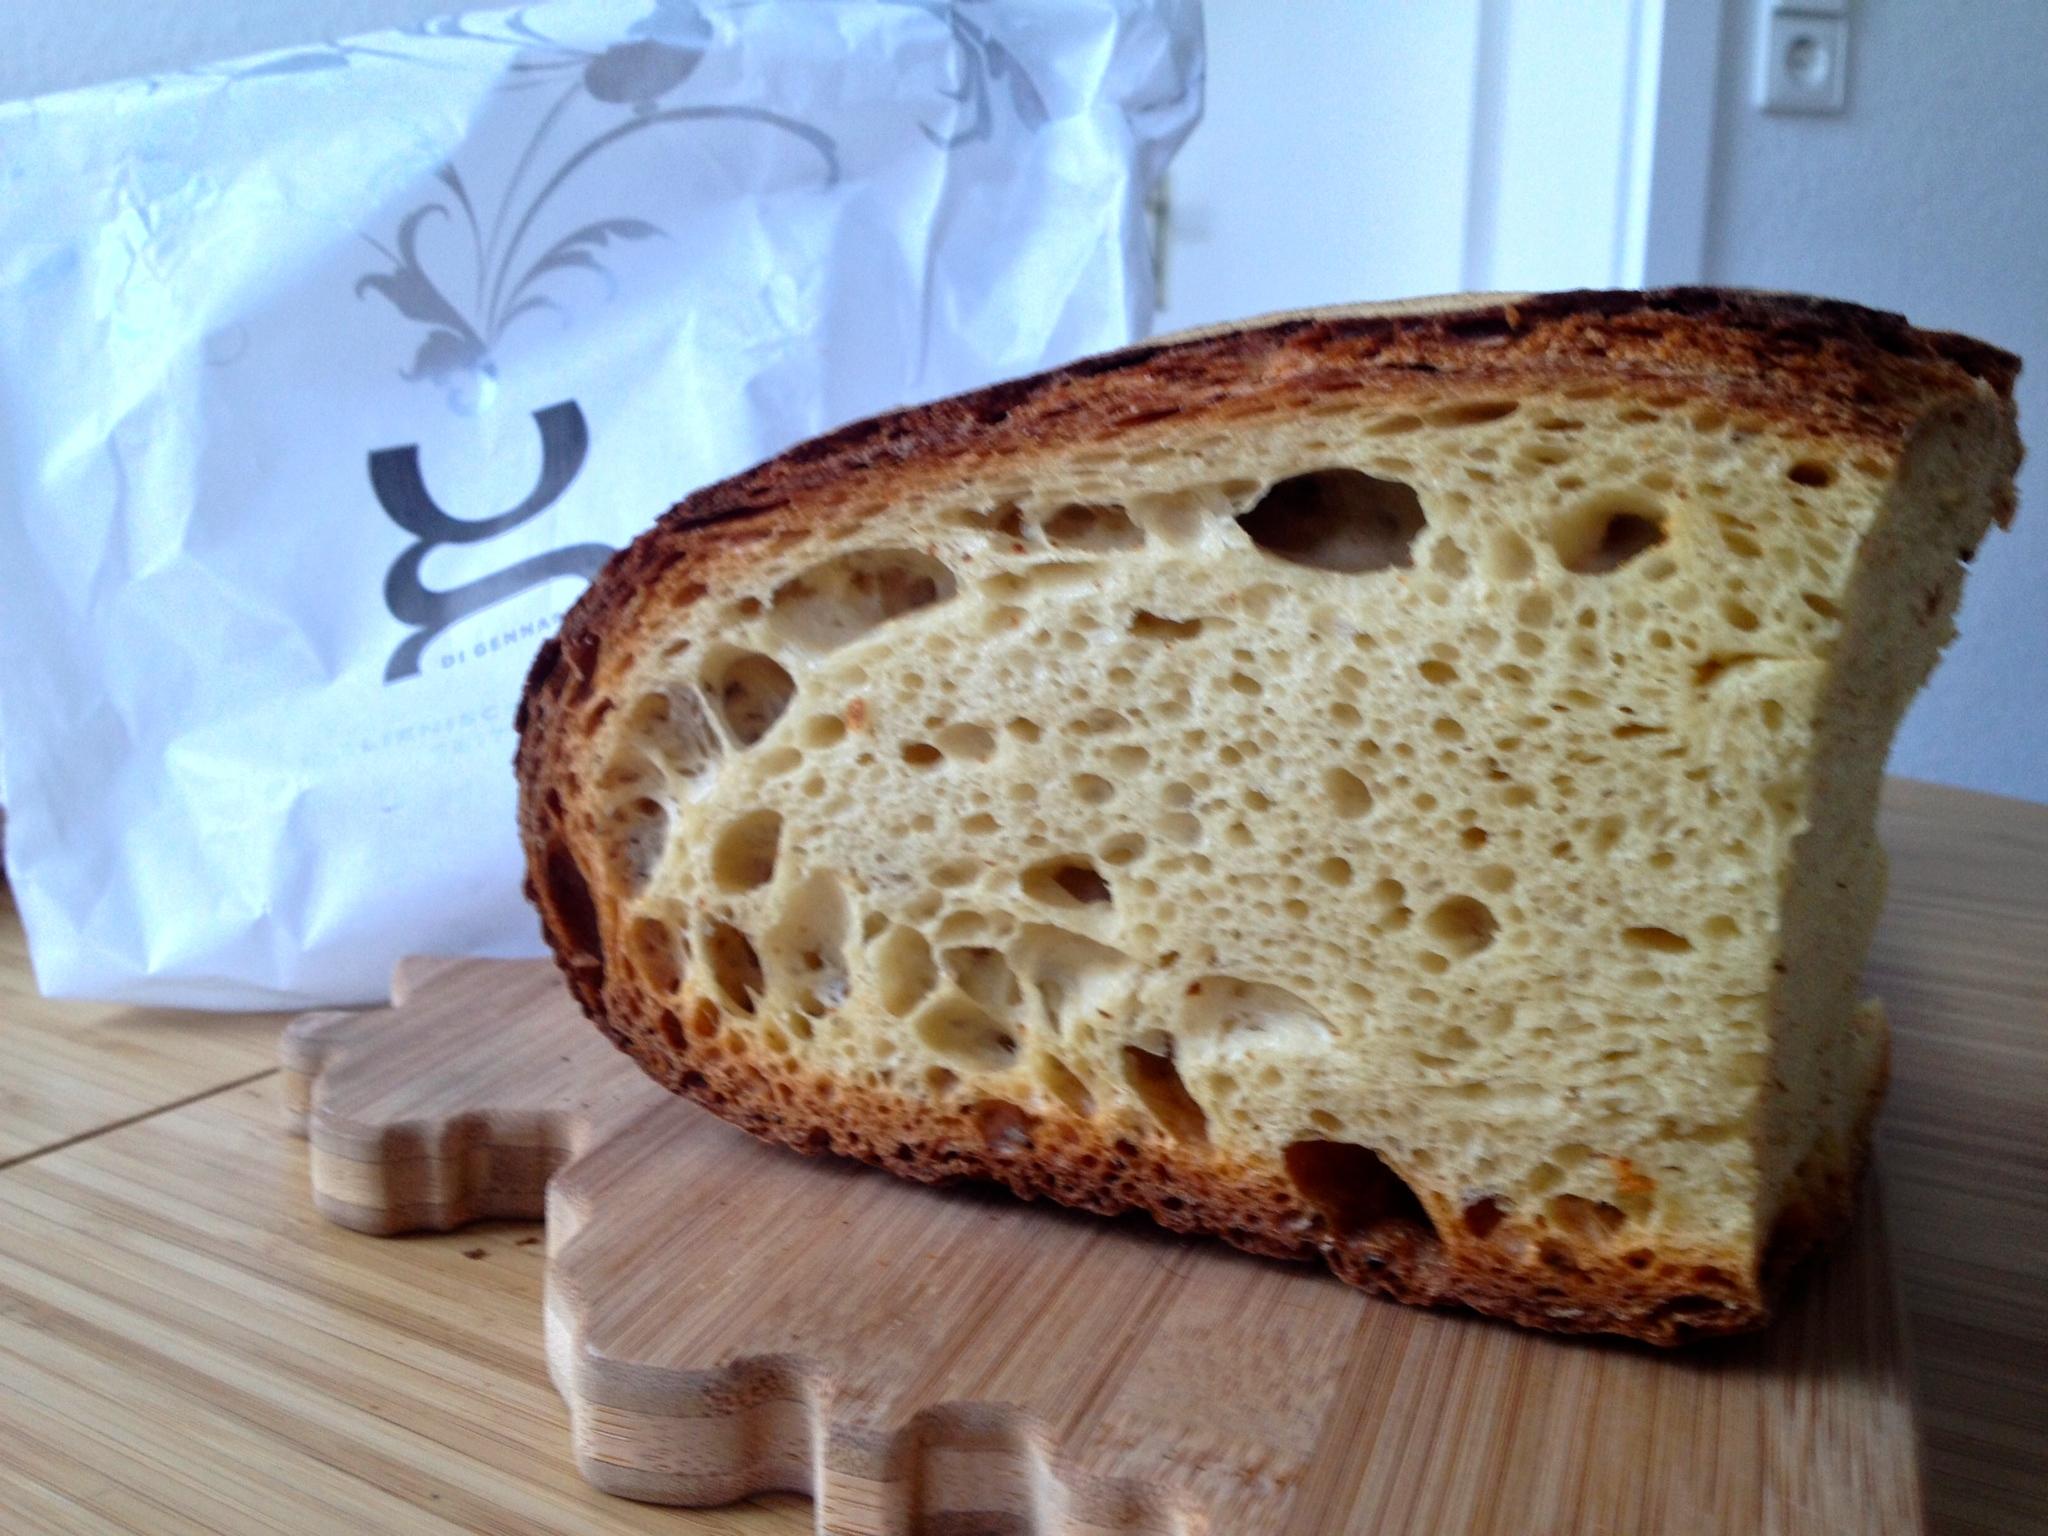 Fresh bread at Di Gennaro